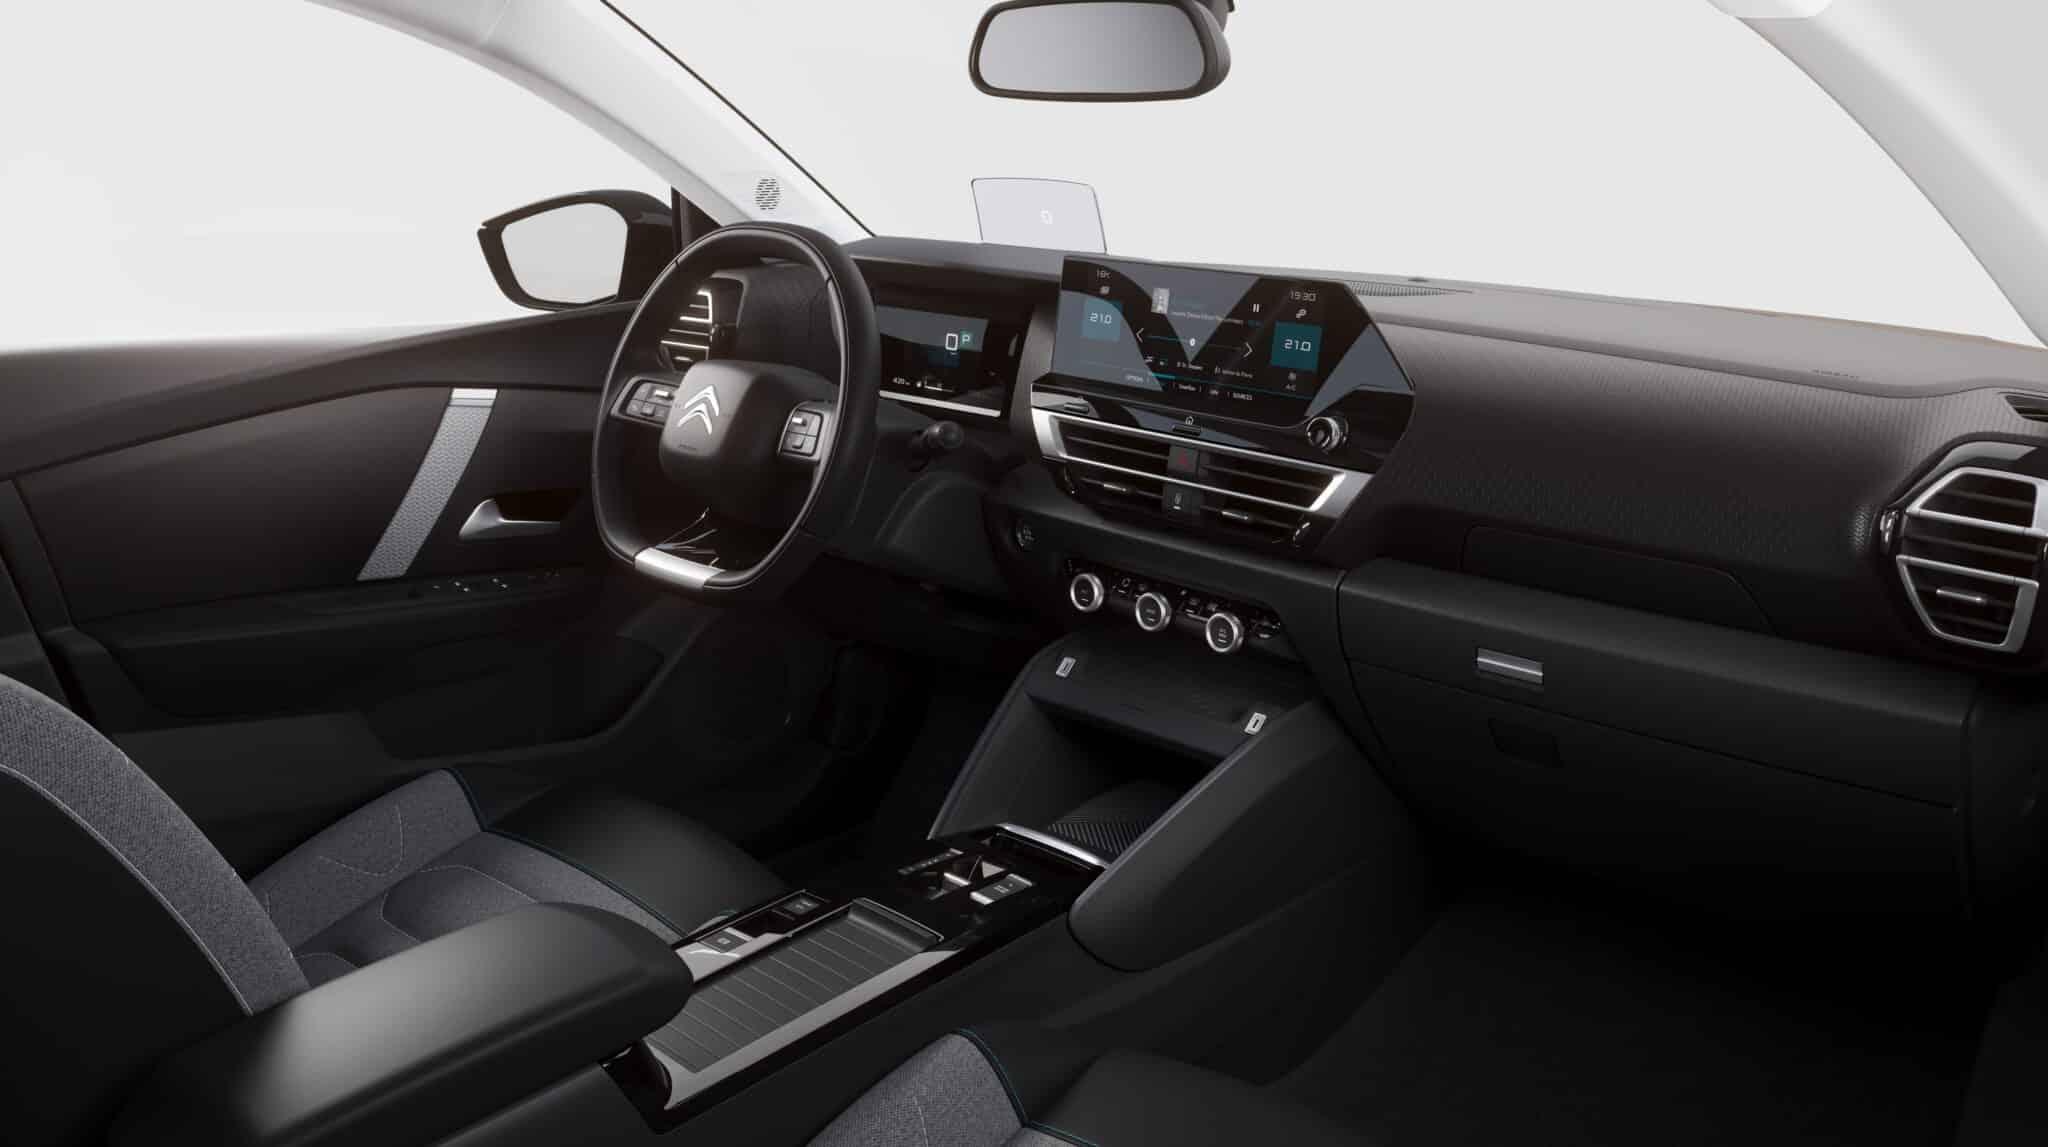 Neuer ë-C4 - Citroën erfindet die Kompaktlimousine NEU! | CL 20.024.0142 min scaled